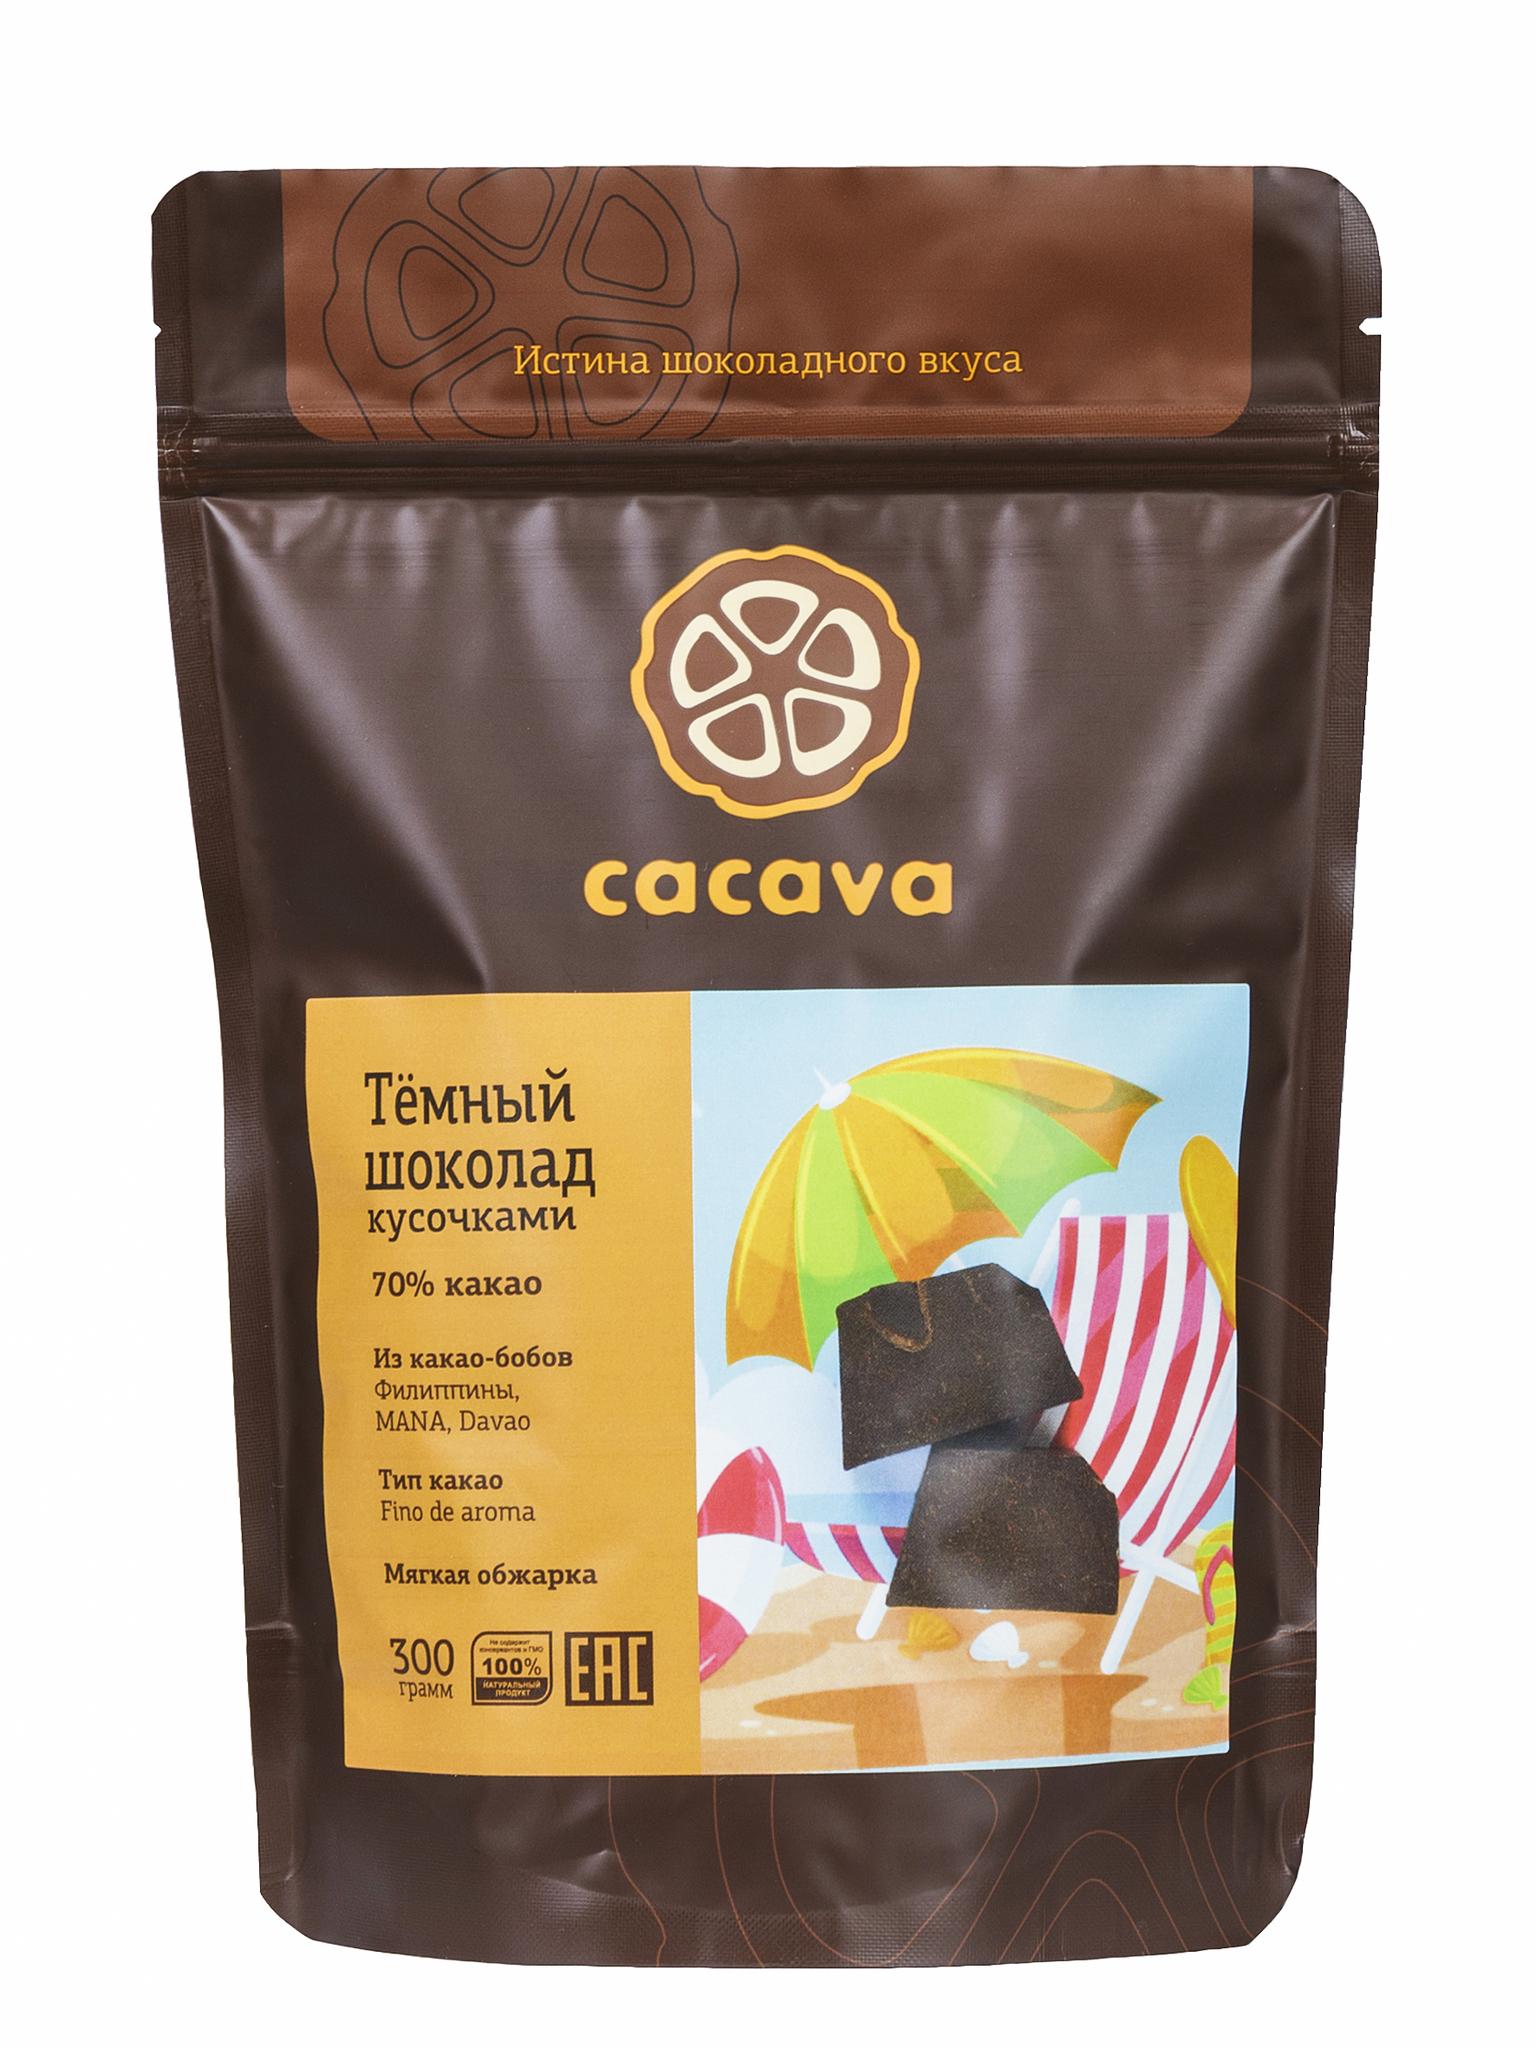 Тёмный шоколад 70 % какао (Филиппины, MANA), упаковка 300 грамм